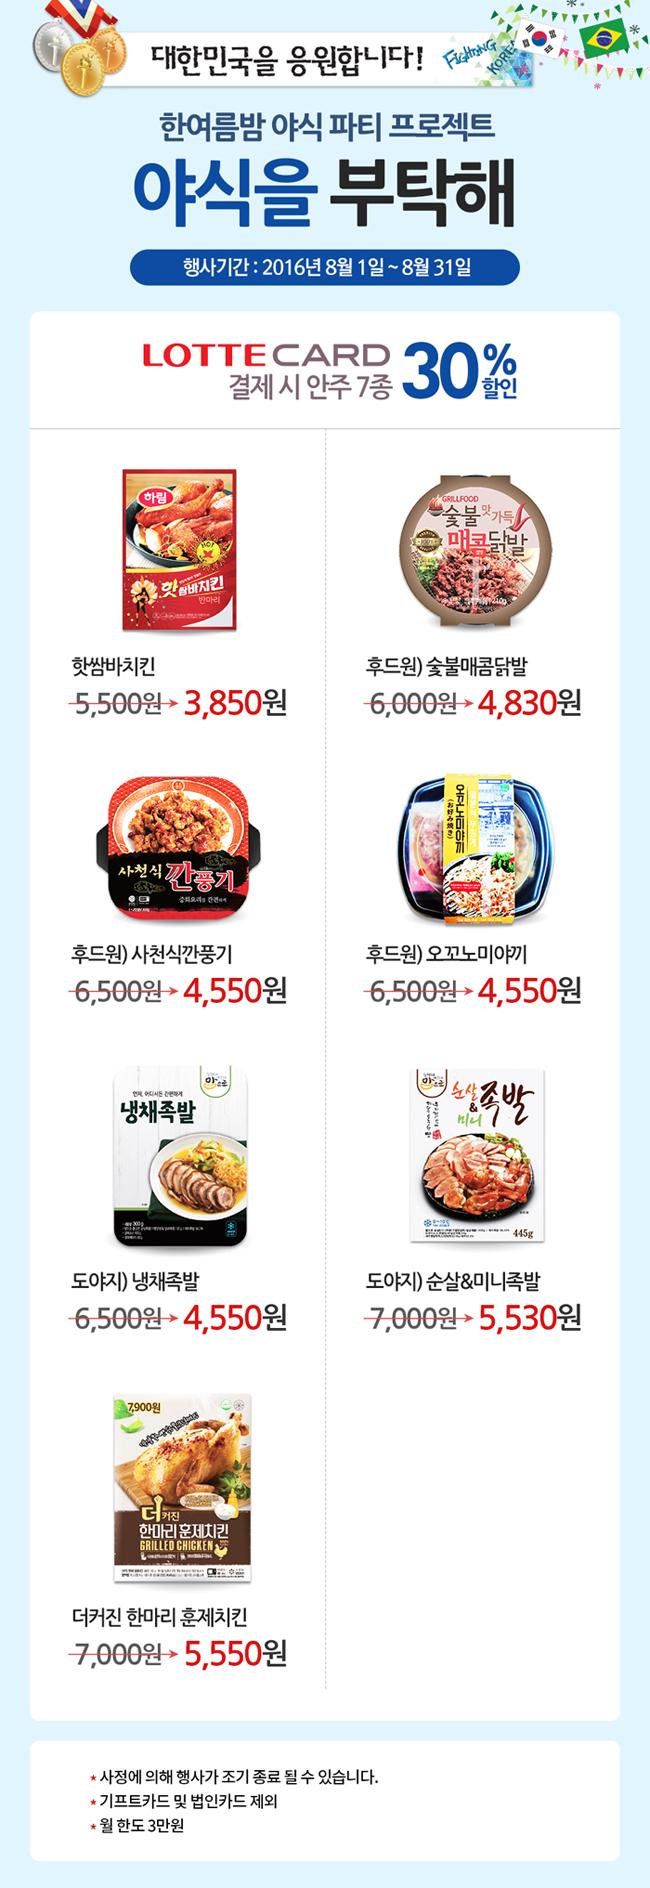 2016.8.12. 핫 쌈바치킨(하림) + 수입맥주 4캔 1만원..